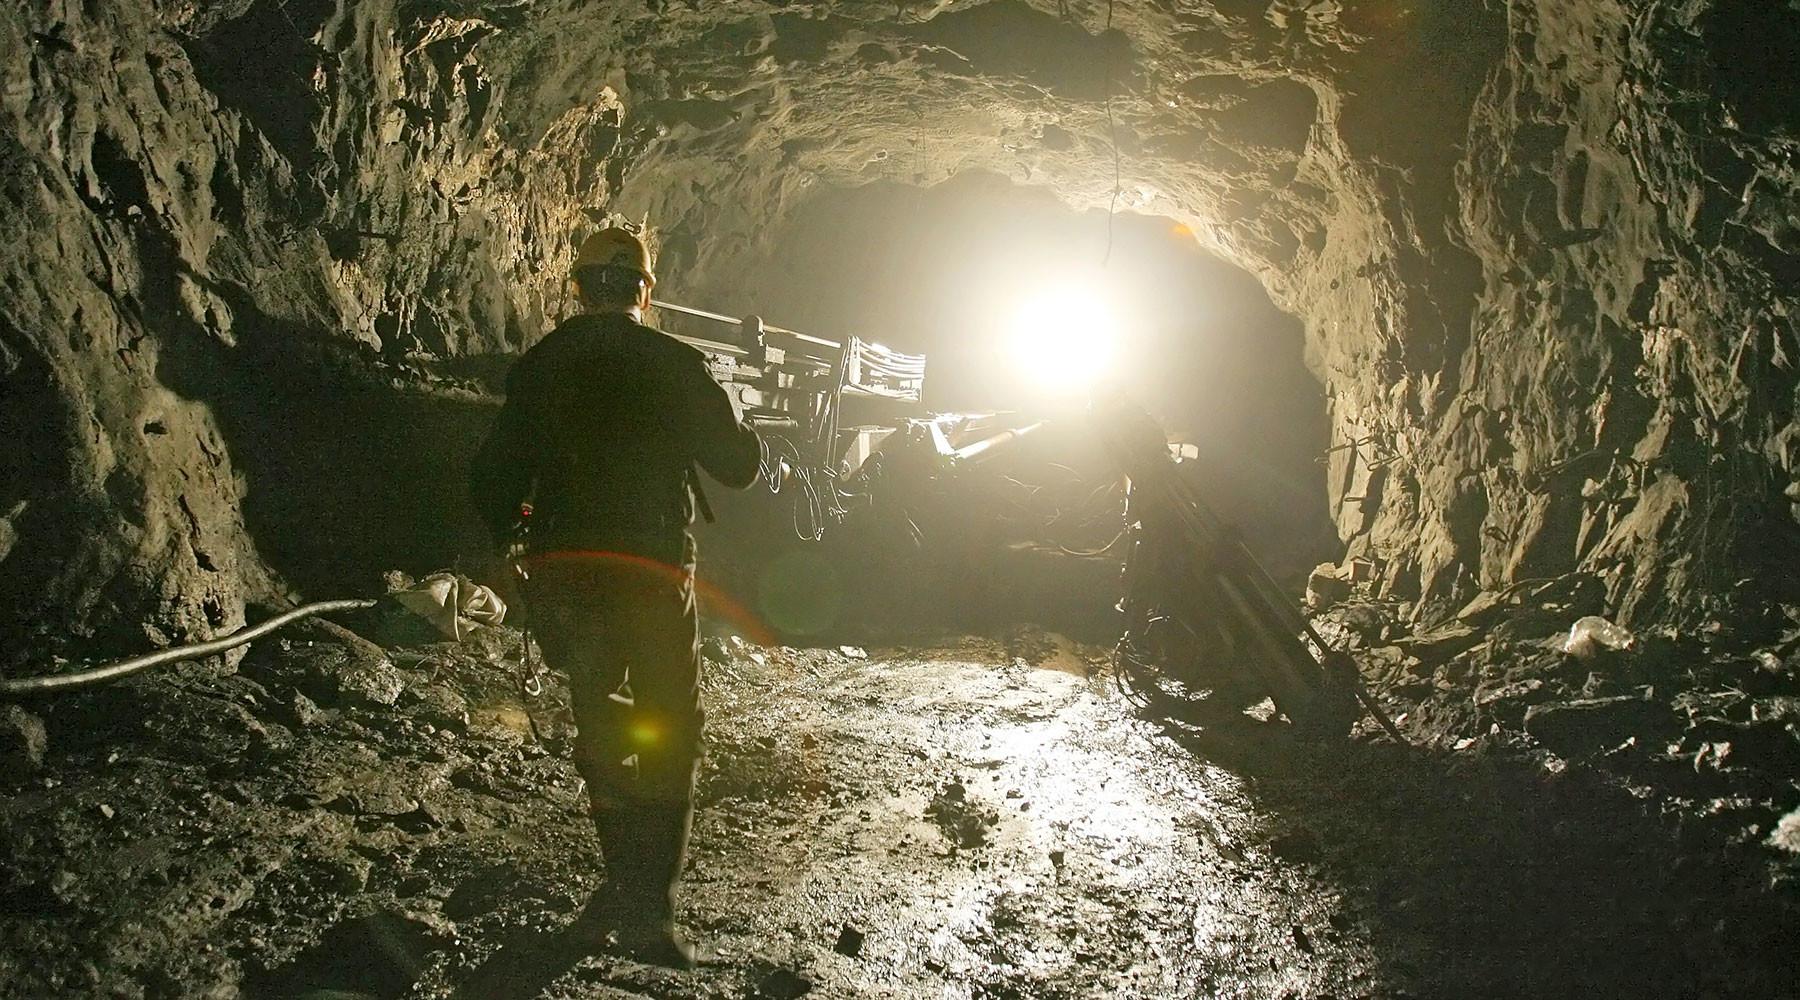 В МЧС сообщили об обнаружении тел трёх погибших при взрыве на шахте в Норильске